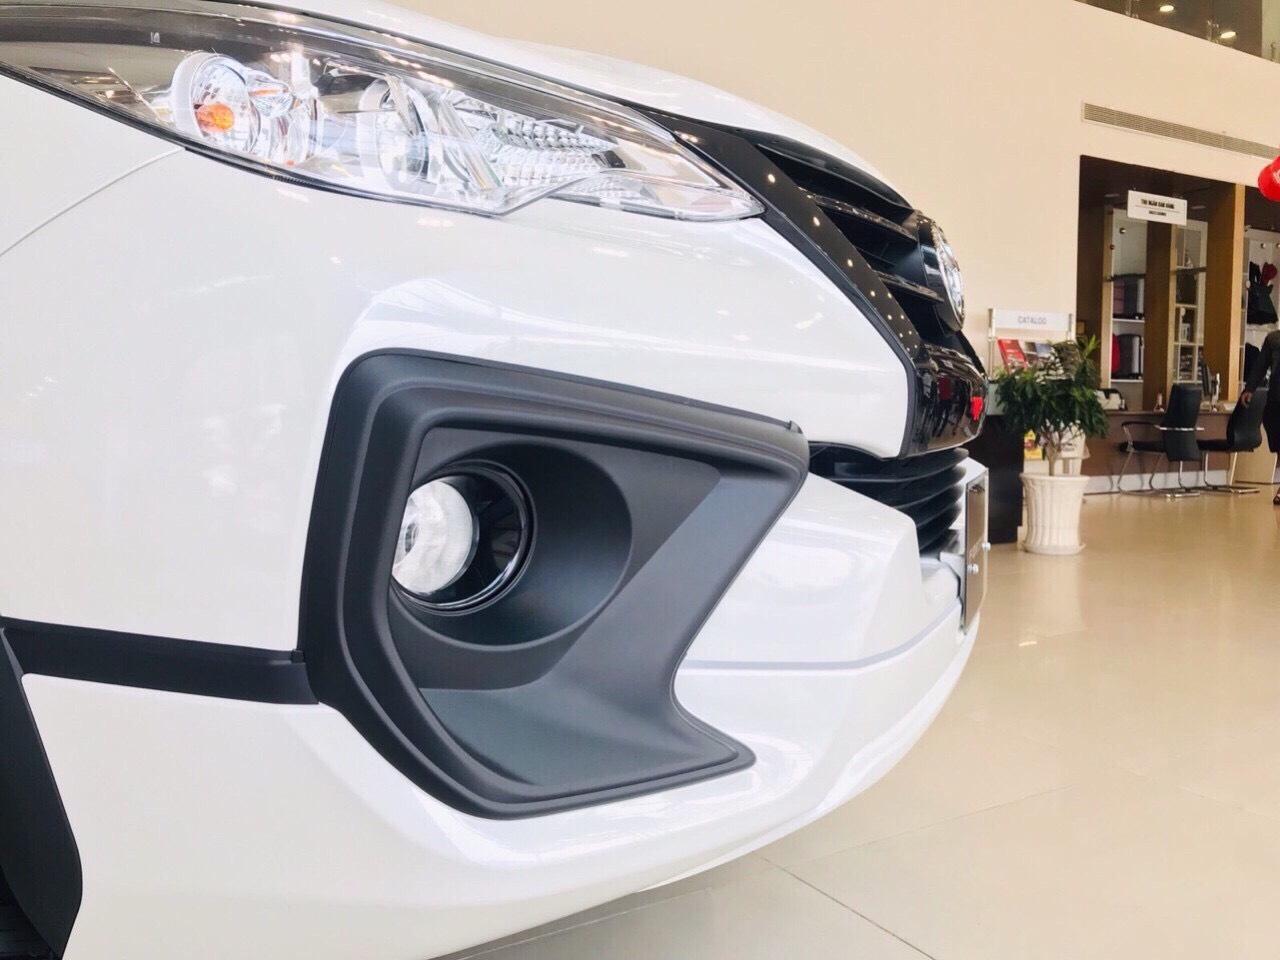 Xe Toyota Fortuner TRD 2019 tai muaxegiabeo 2 - Fortuner TRD [hienthinam]: giá xe và khuyến mãi mới